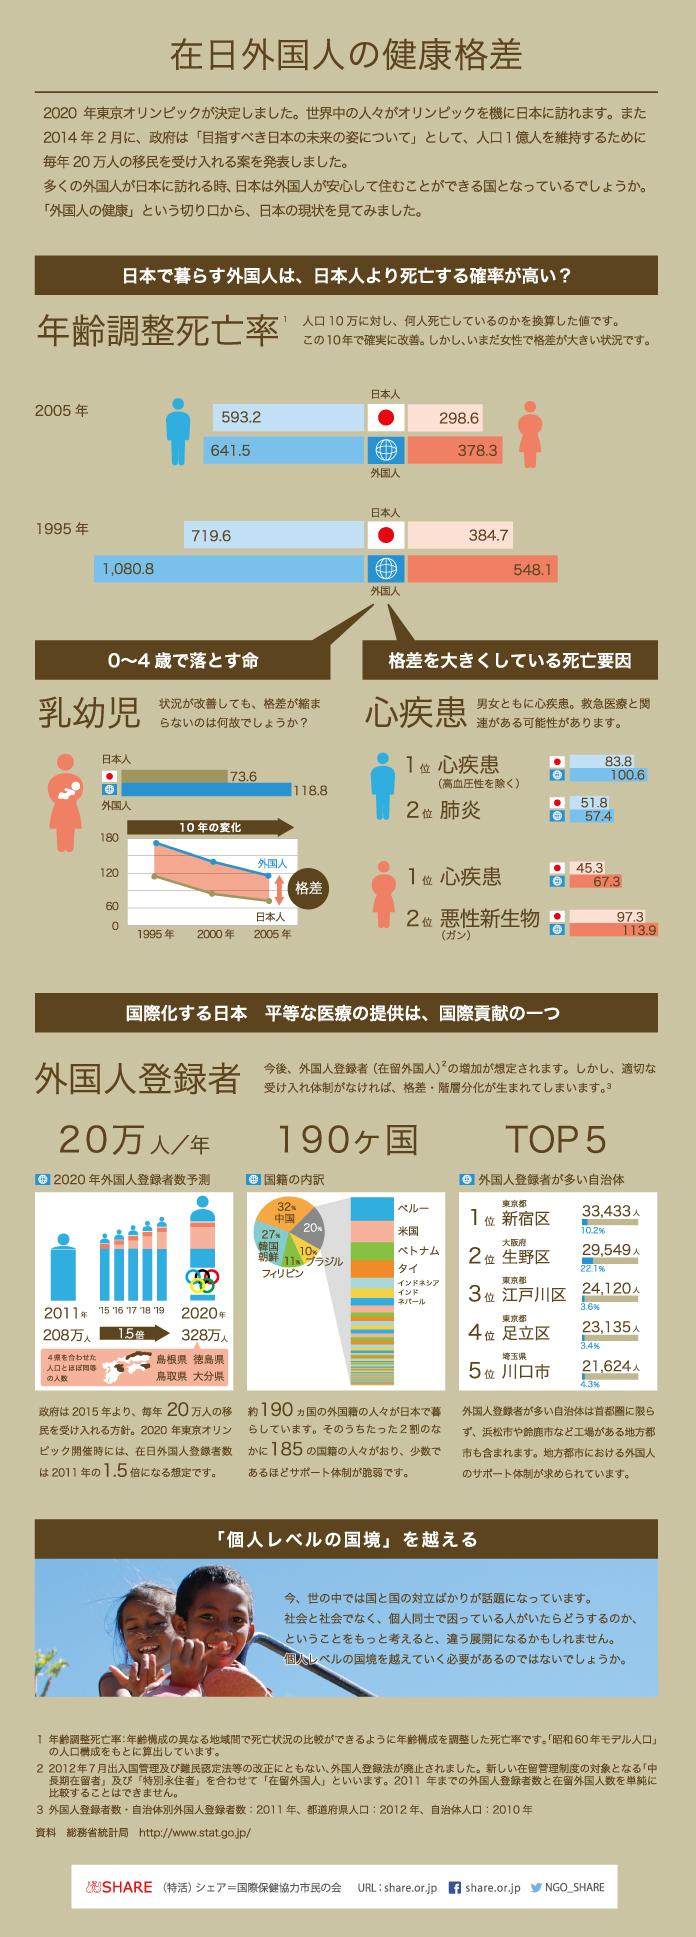 インフォグラフィック:日本移民受け入れ毎年20万人。その前に在日外国人の社会問題改善を